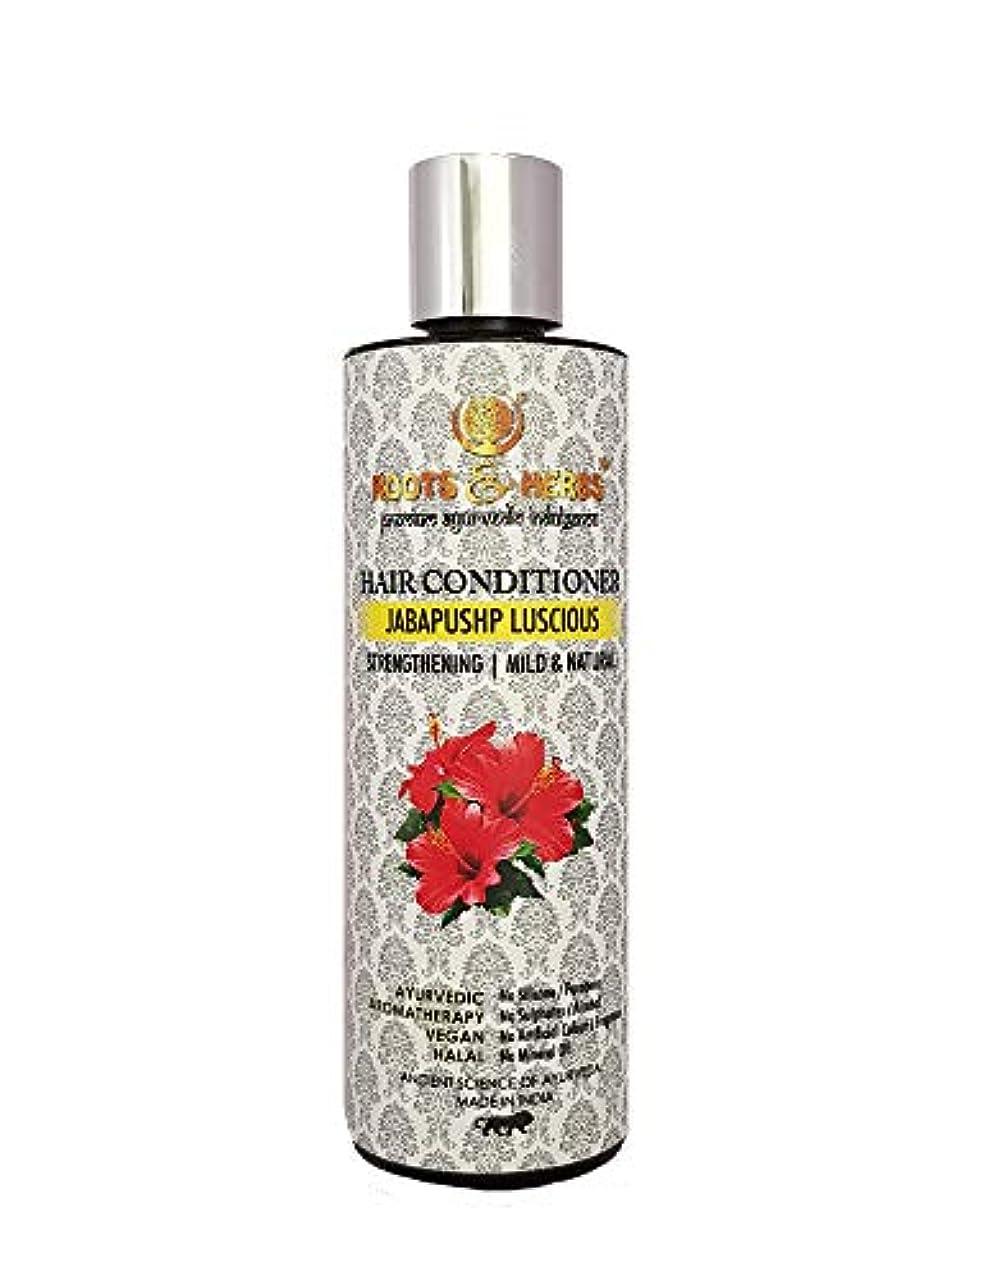 扇動する段階原子炉Roots & Herbs Ayurvedic Natural Treatment 100% Vegan No Paraben Jabapushp Lucious Hair Conditioner for Men and Women - 200 ml